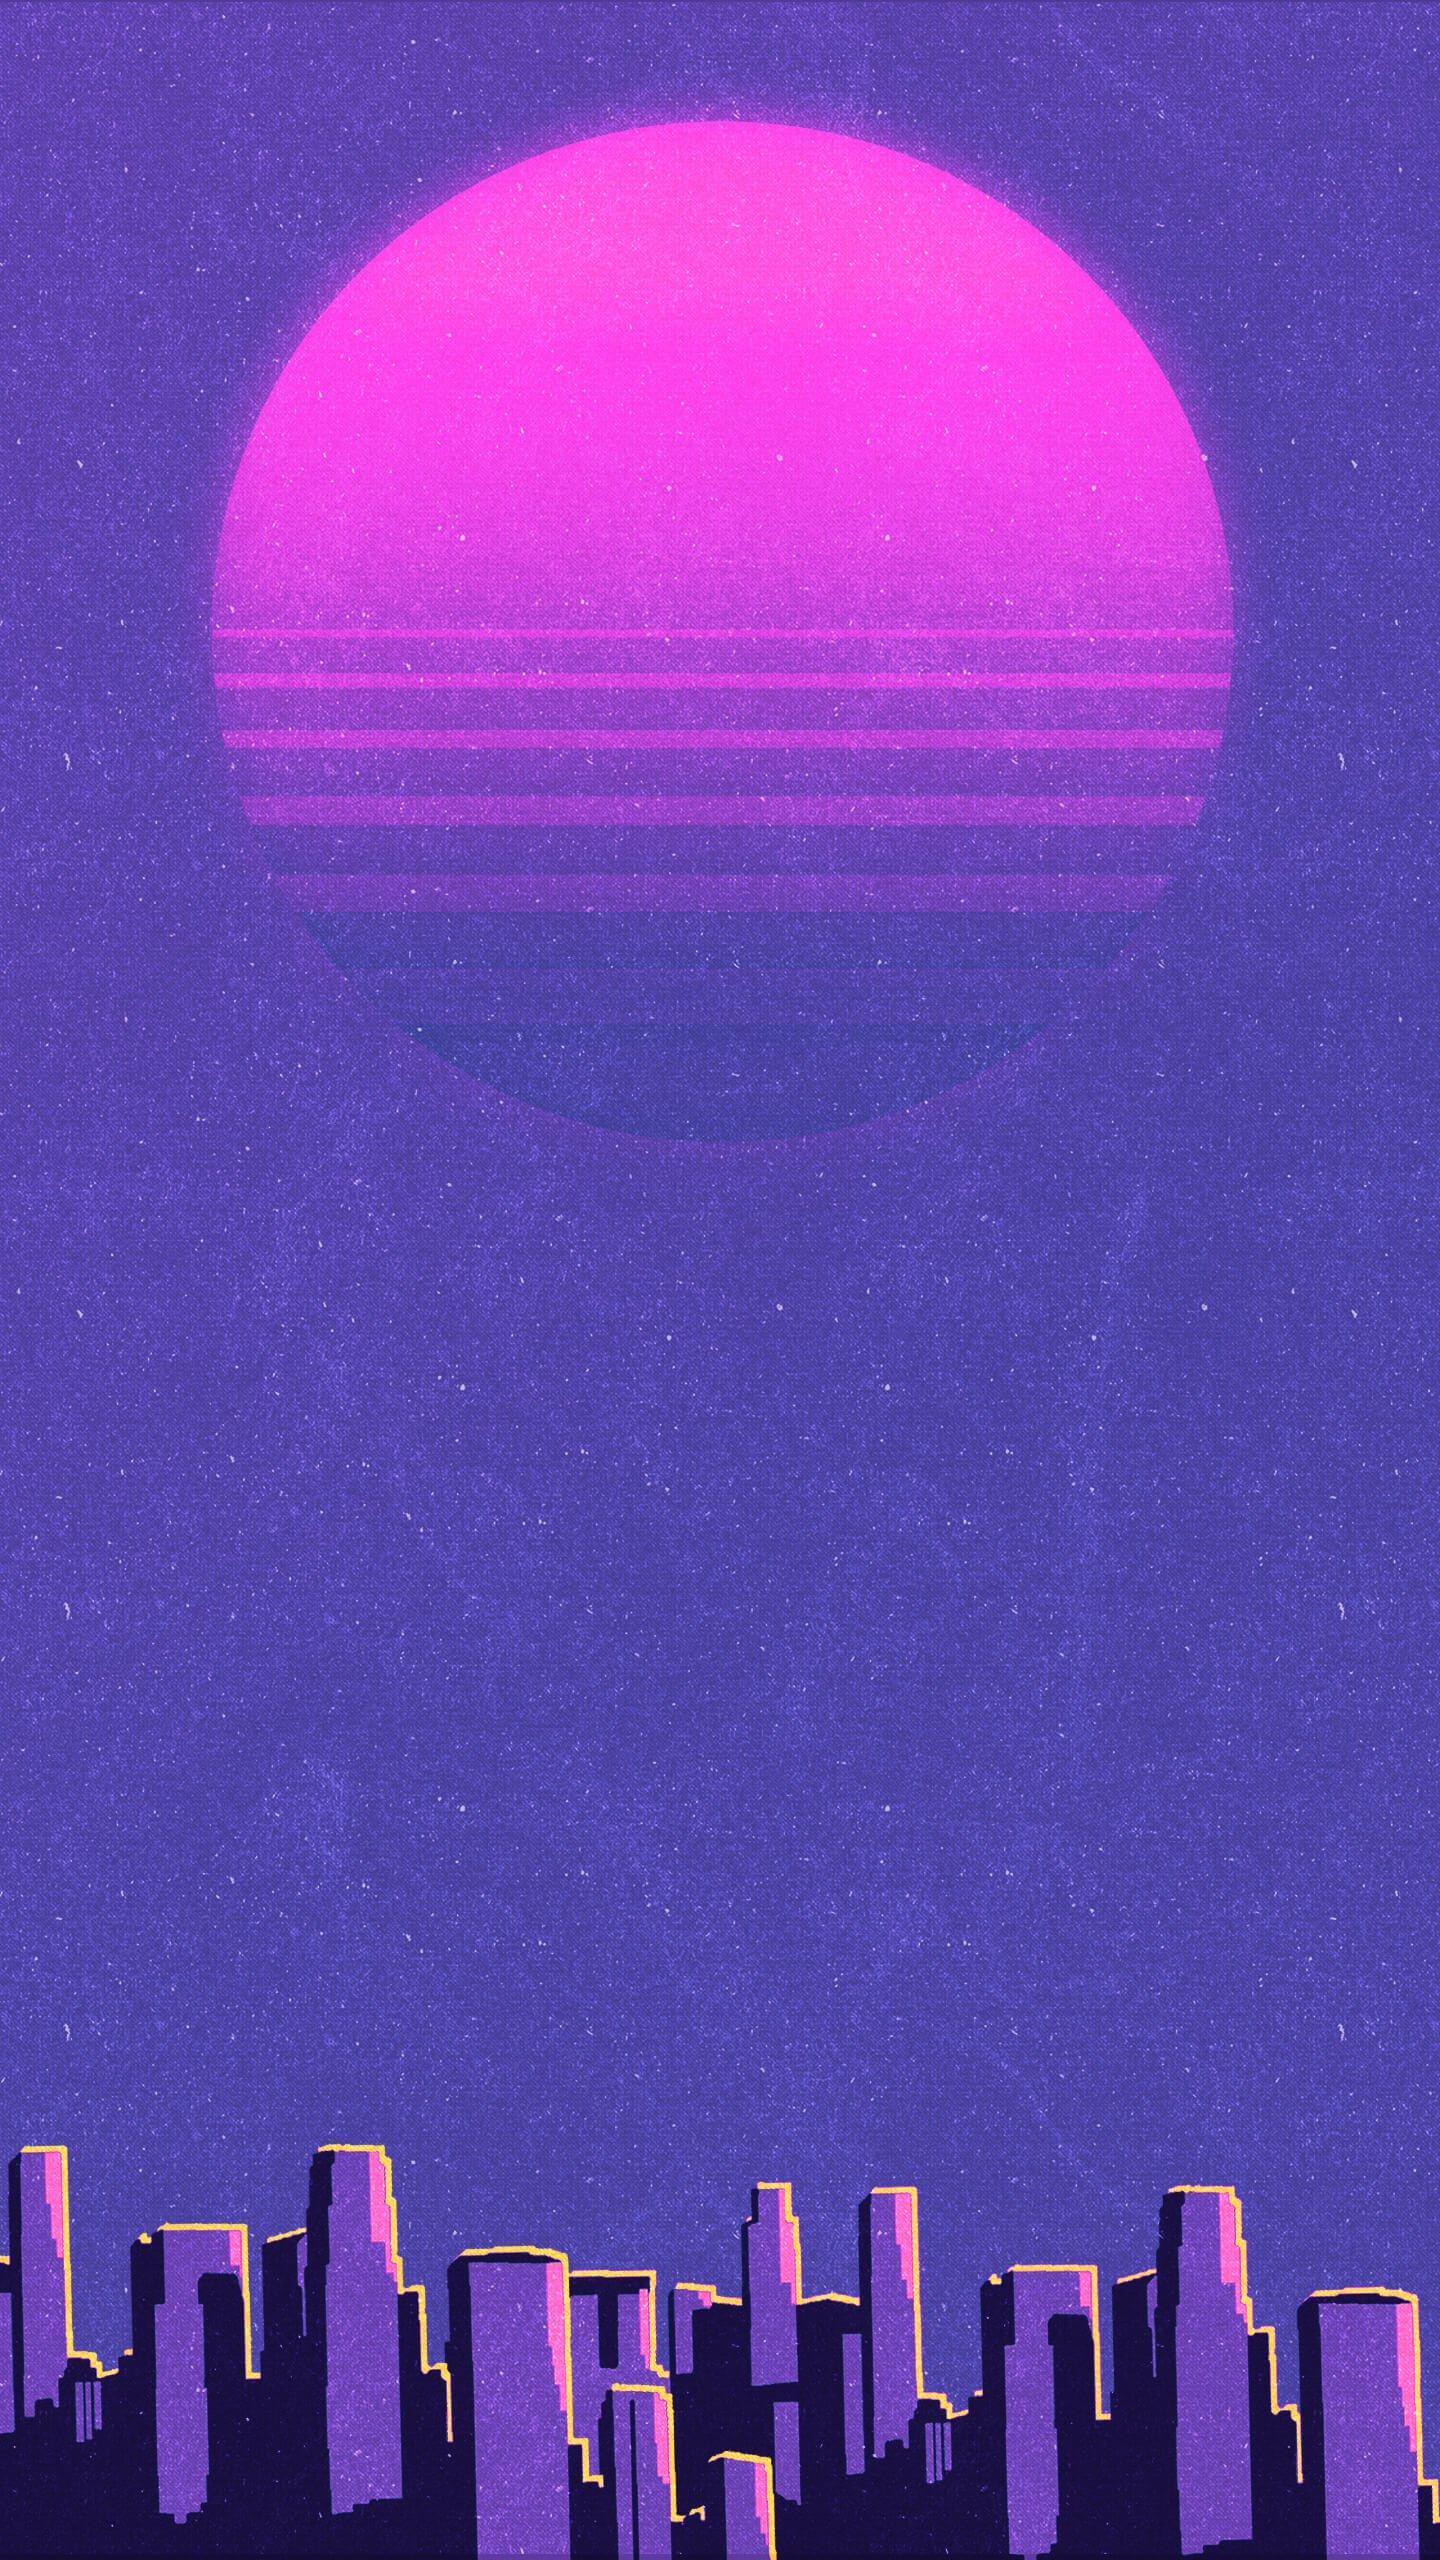 Pixel 3 XL Wallpapers - Wallpaper Cave